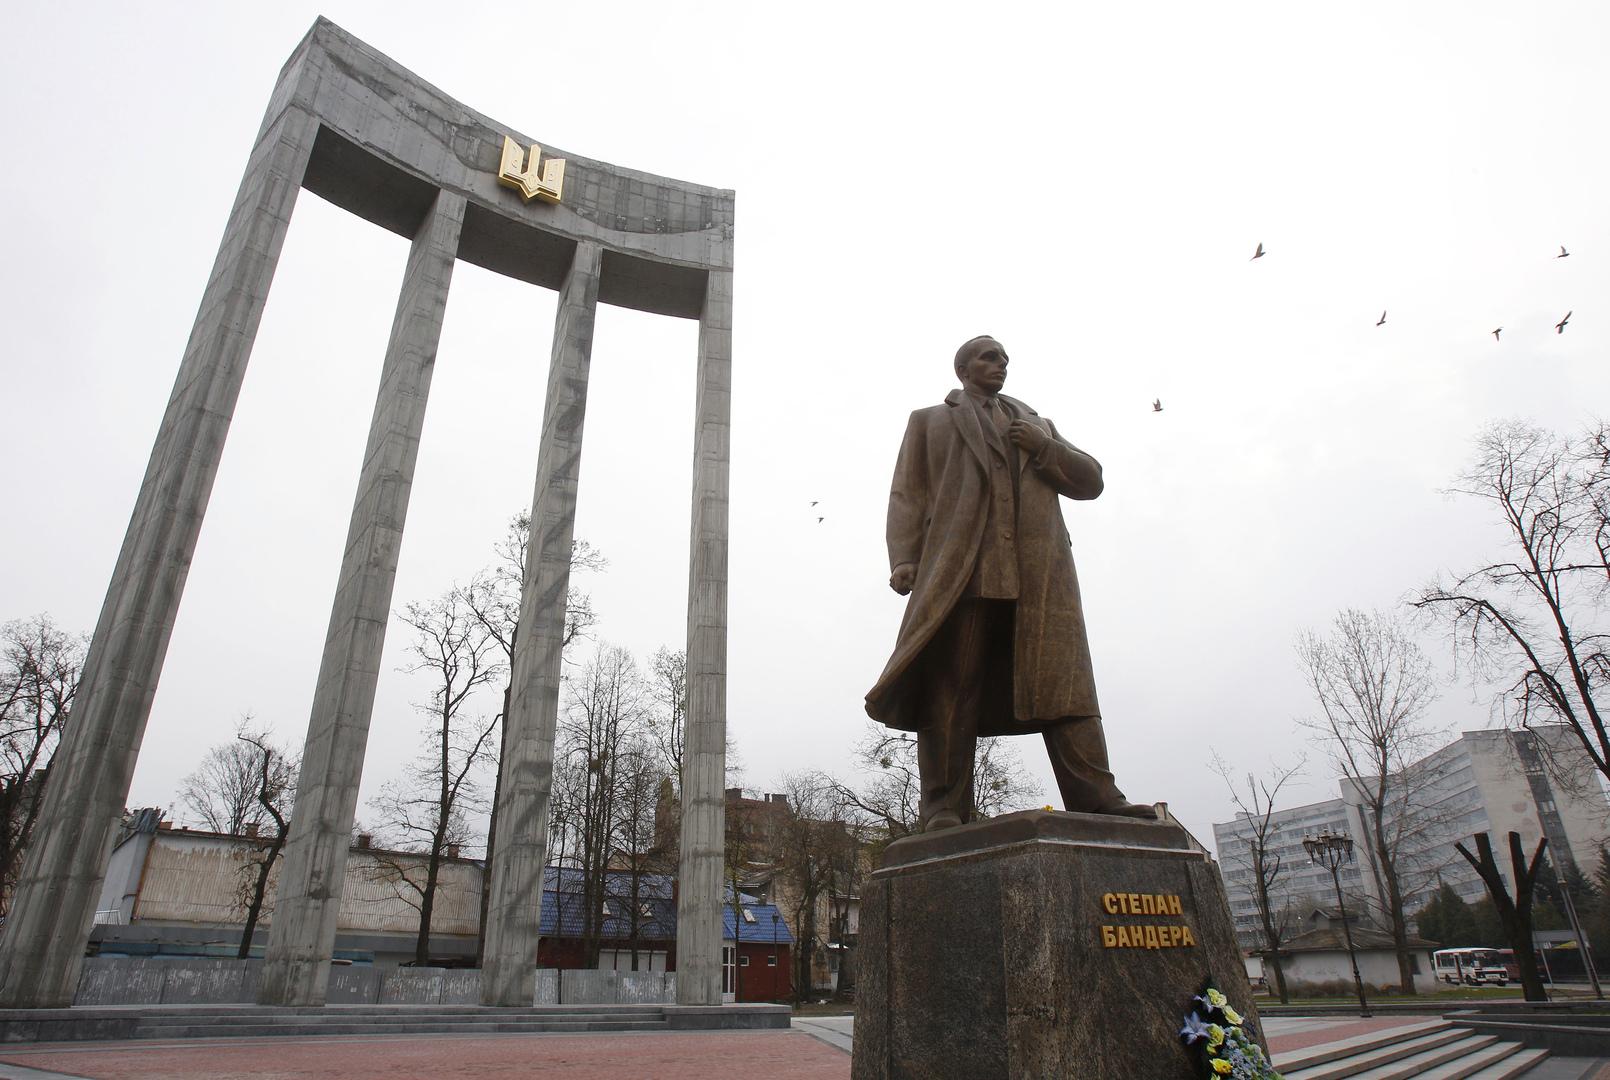 تمثال لستيبان بانديرا